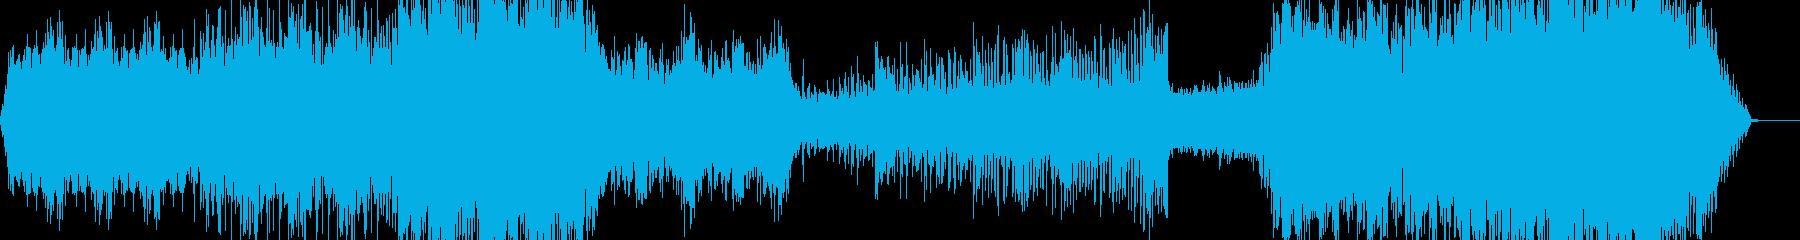 映像、機械的、工業的ーModernの再生済みの波形